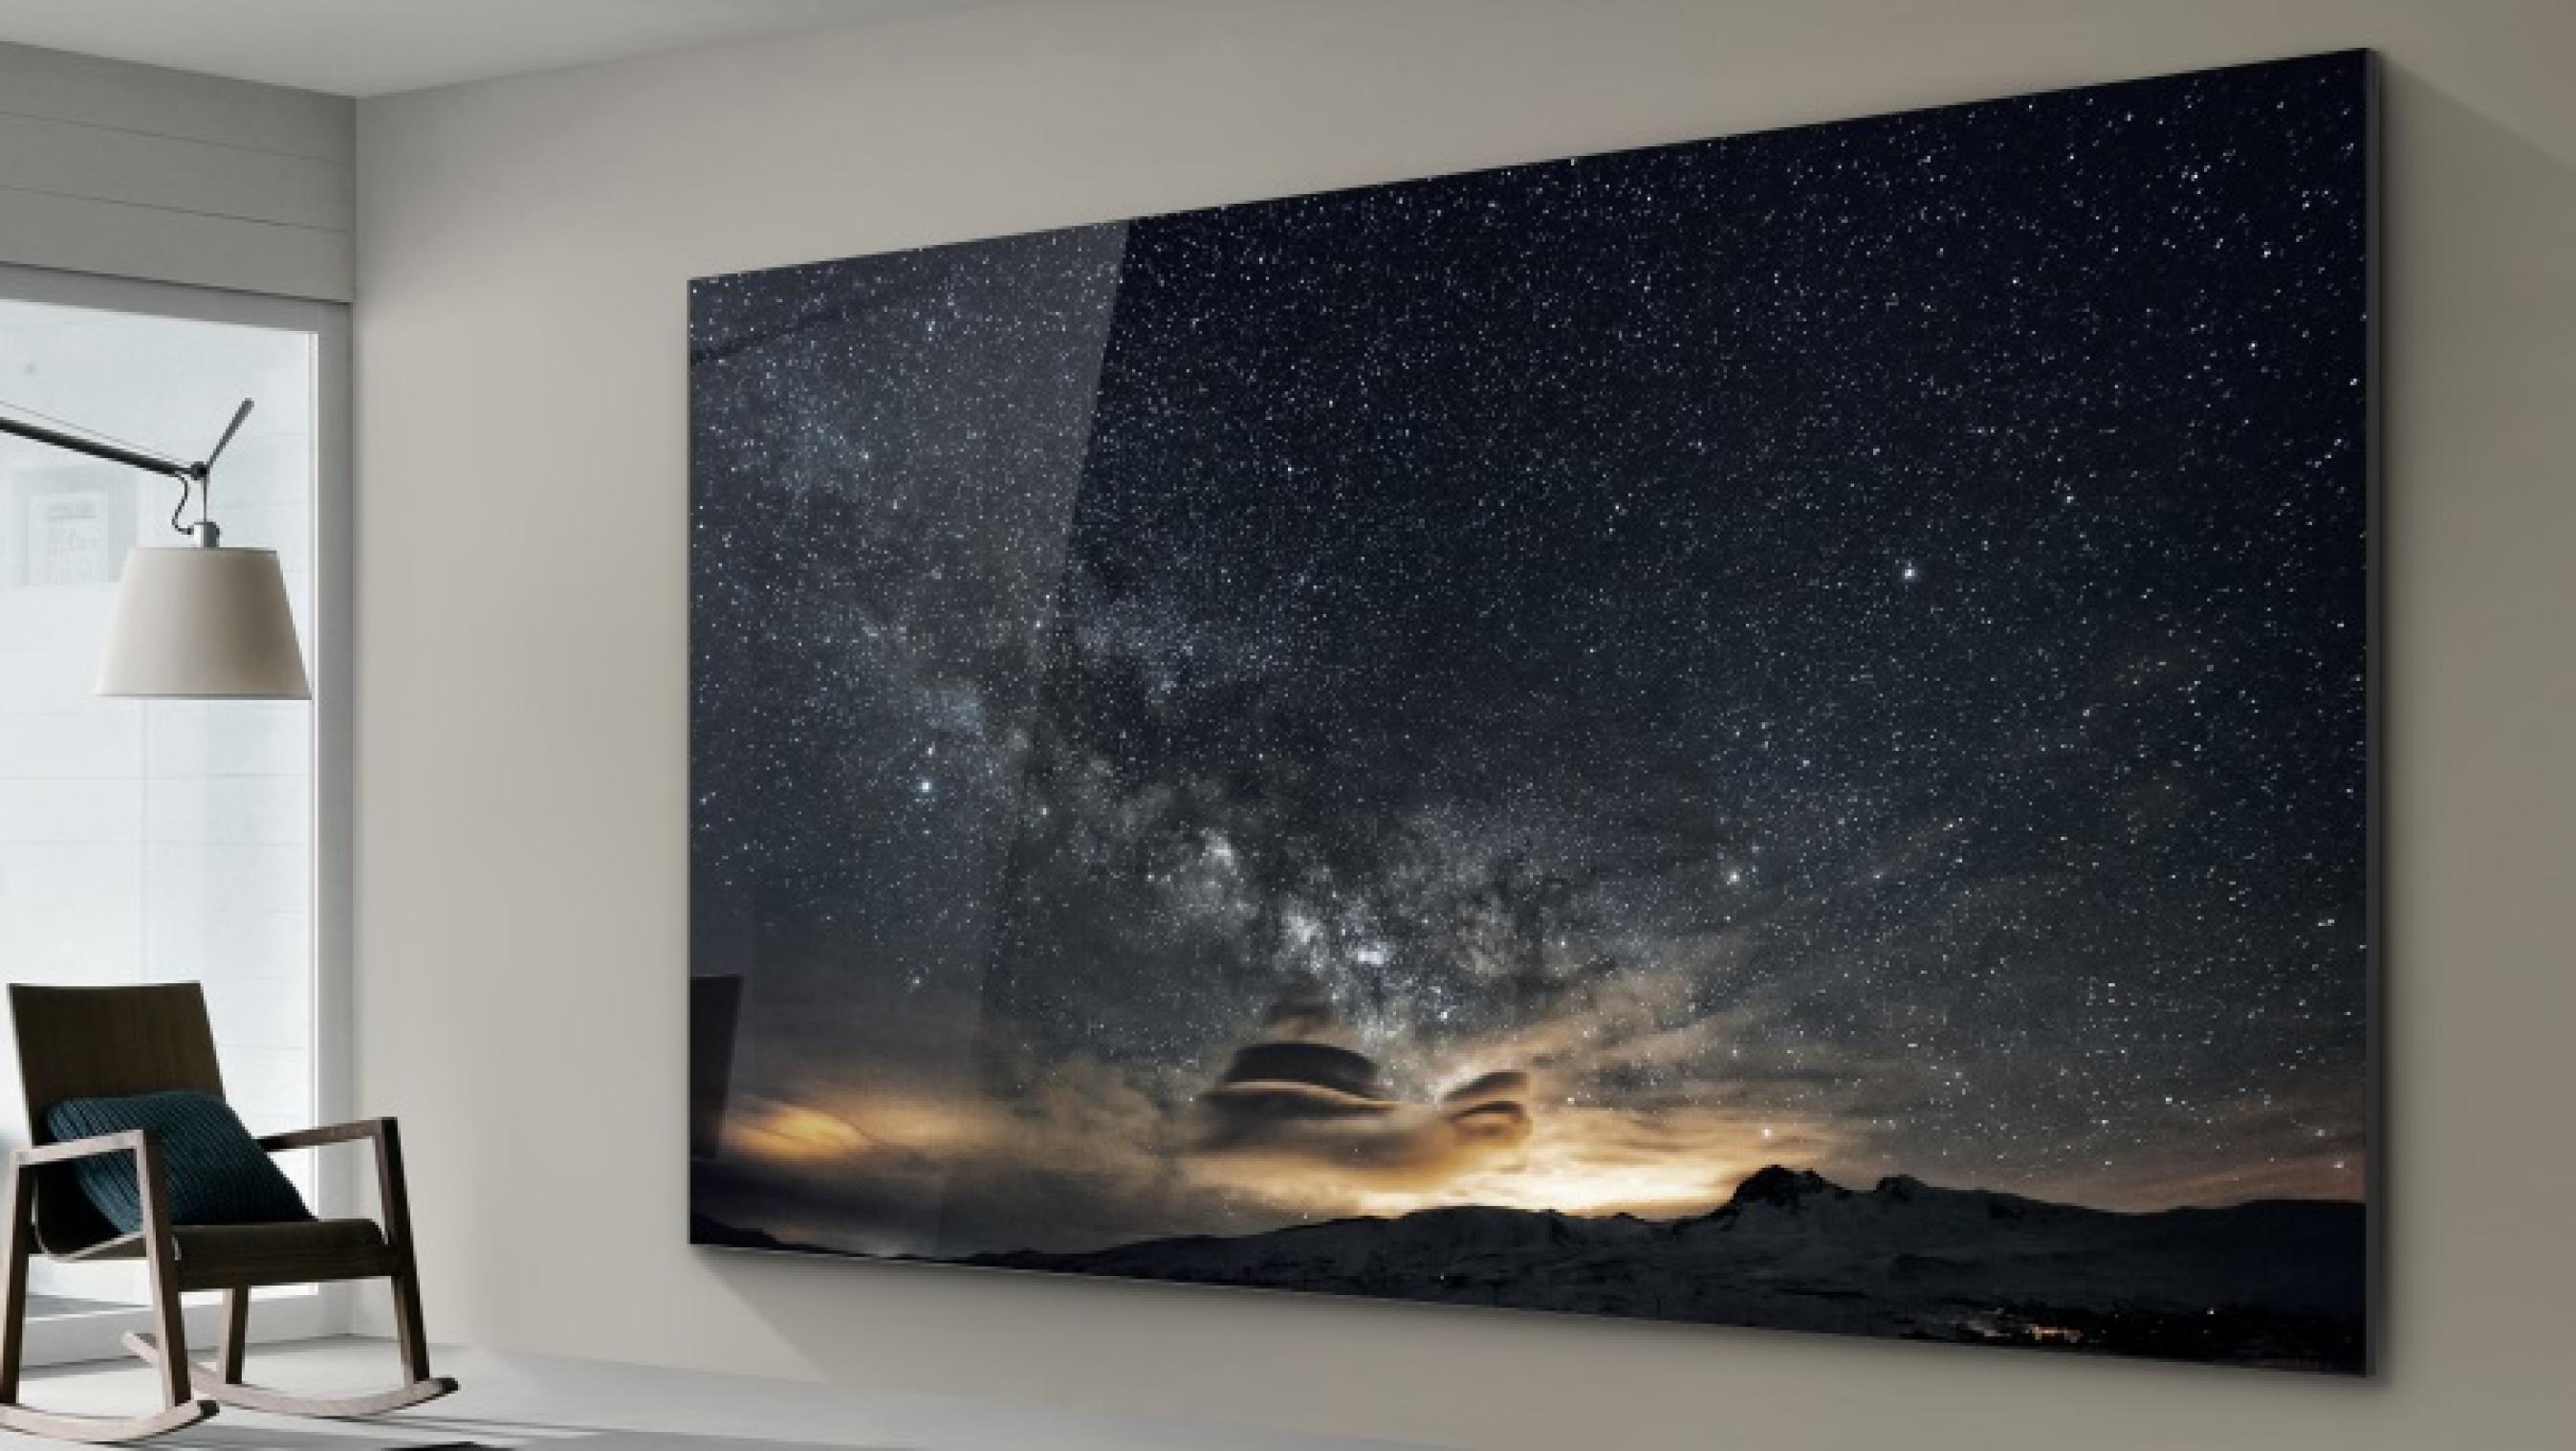 Samsung создали телевизор без проводов: привет от Теслы